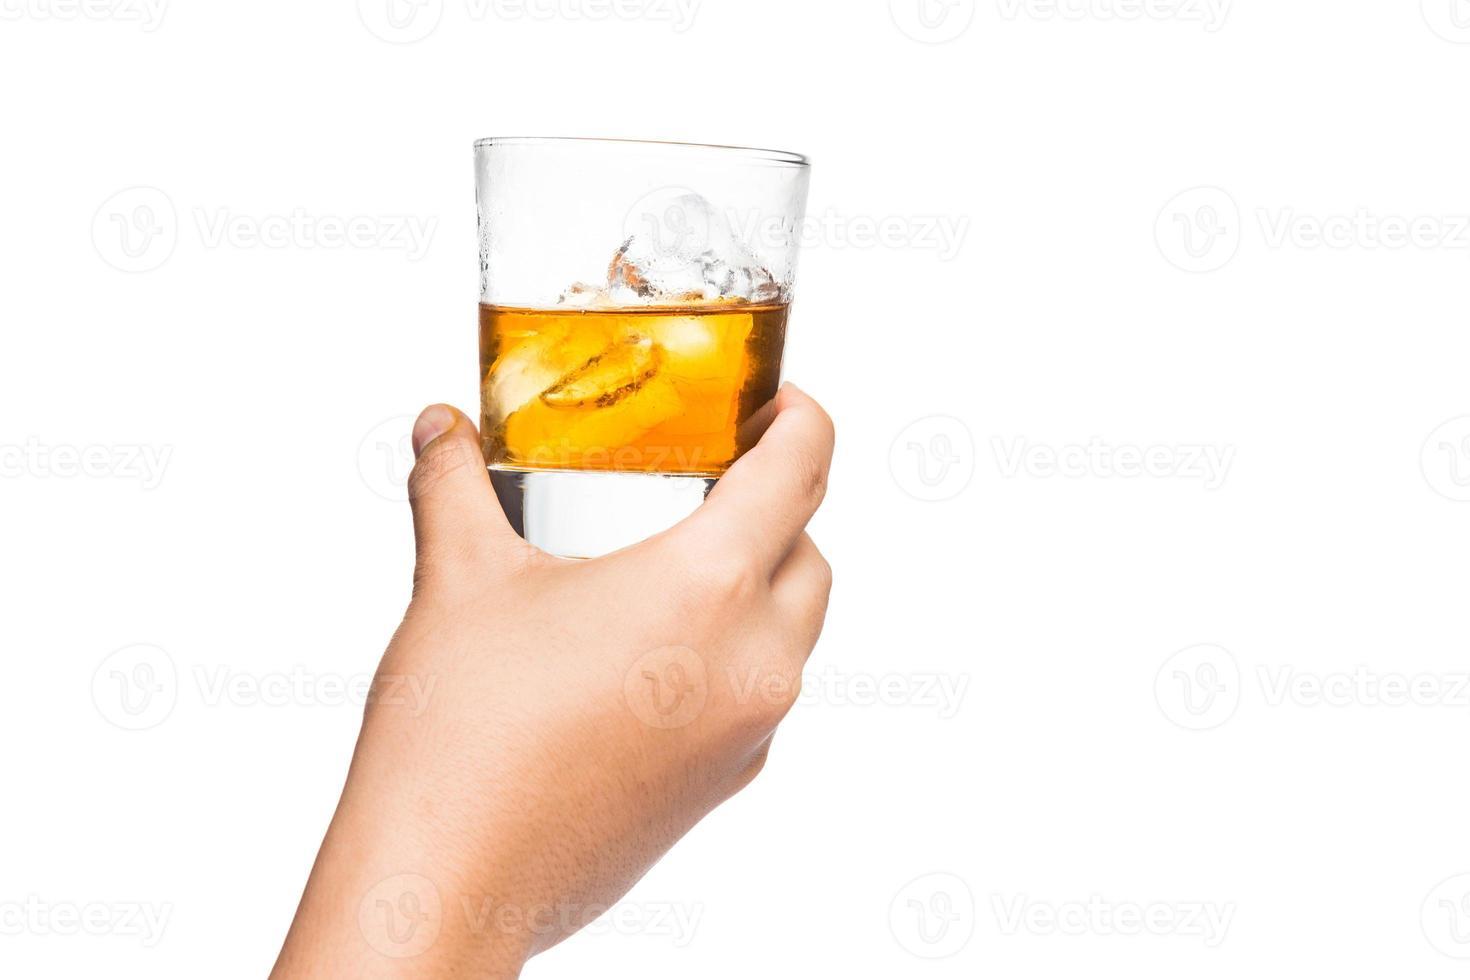 grillage à la main du scotch brandy sur le rocher avec fond blanc photo